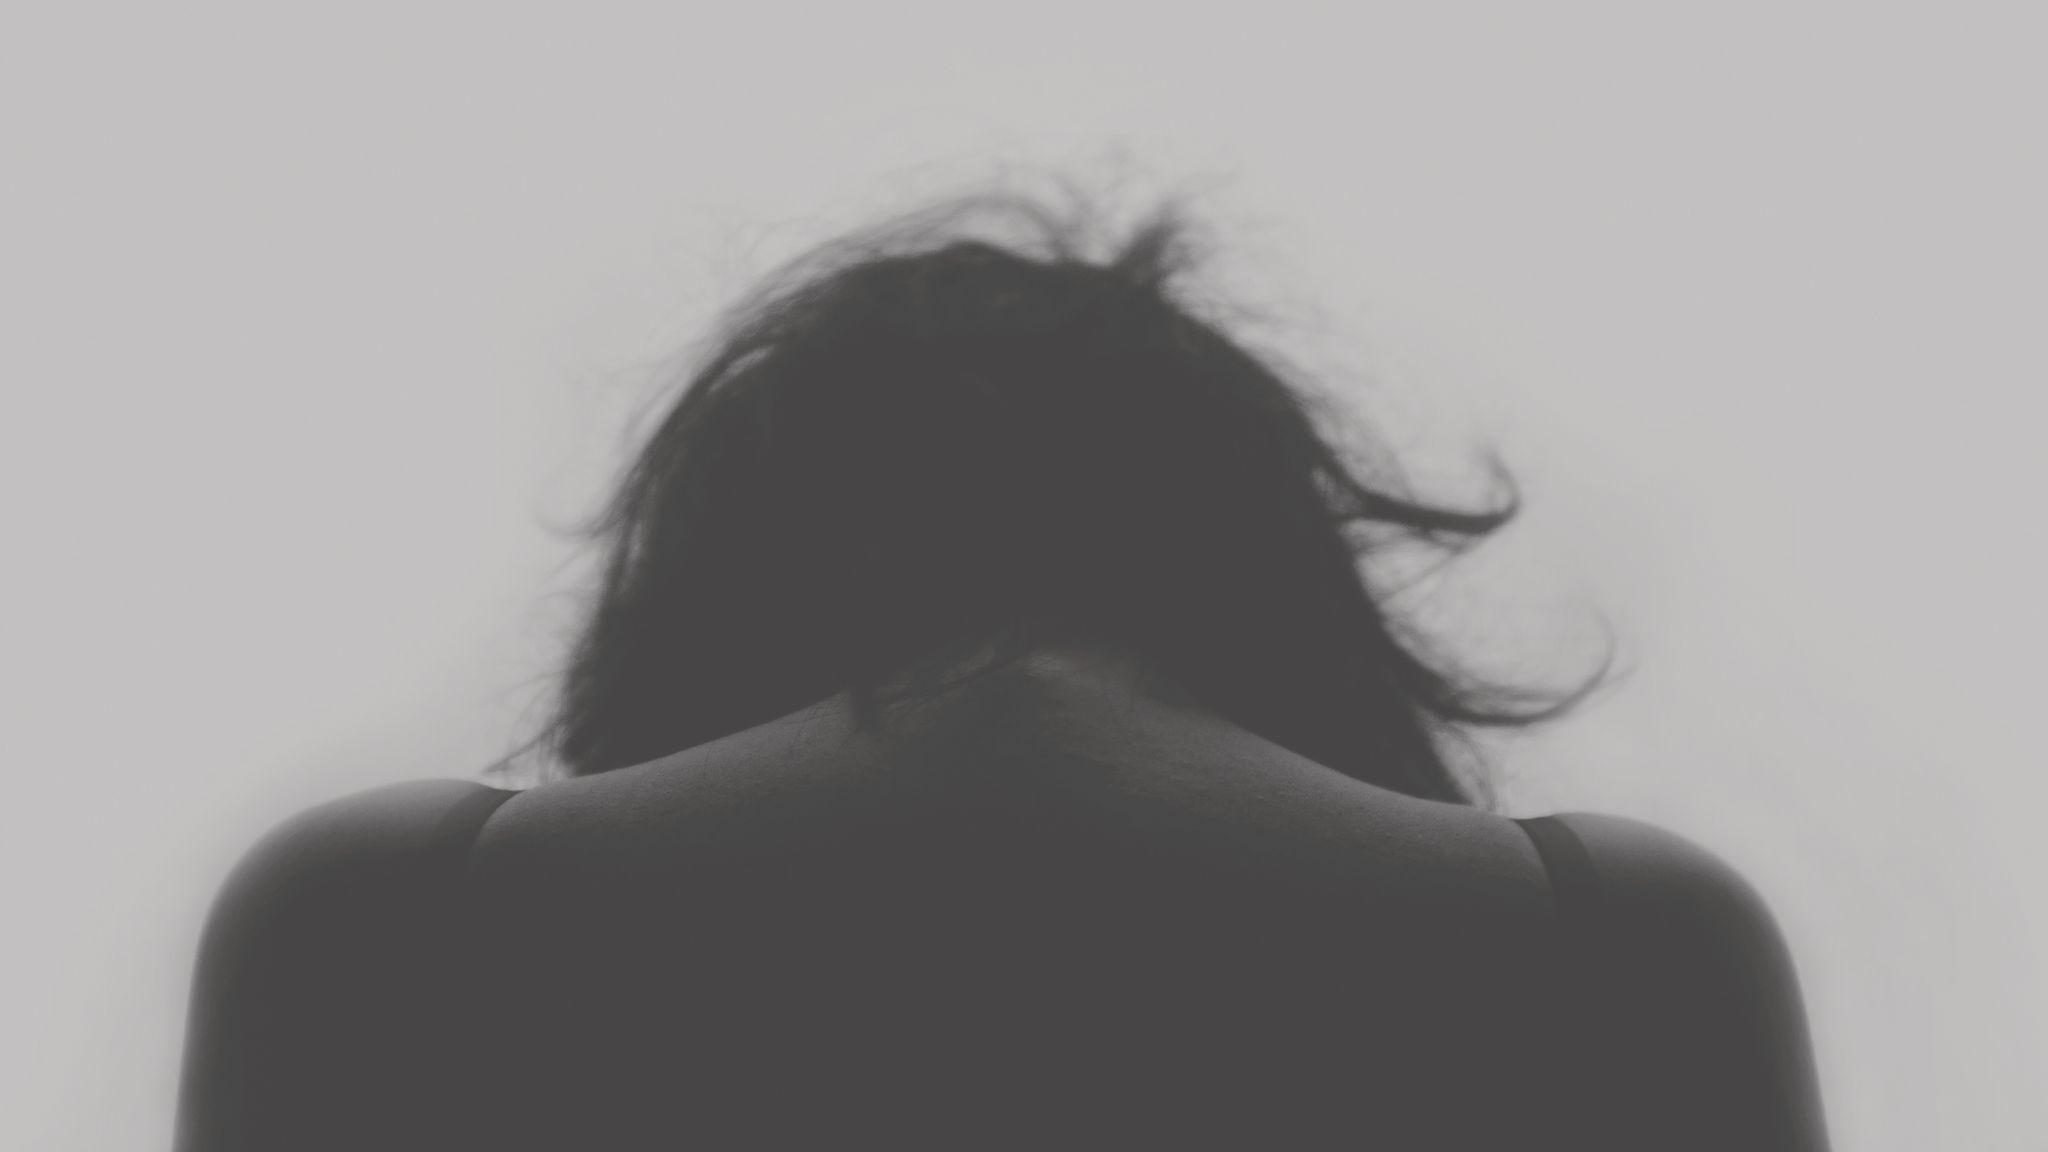 Возможно, вам не кажется: 6 физиологических проявлений депрессии